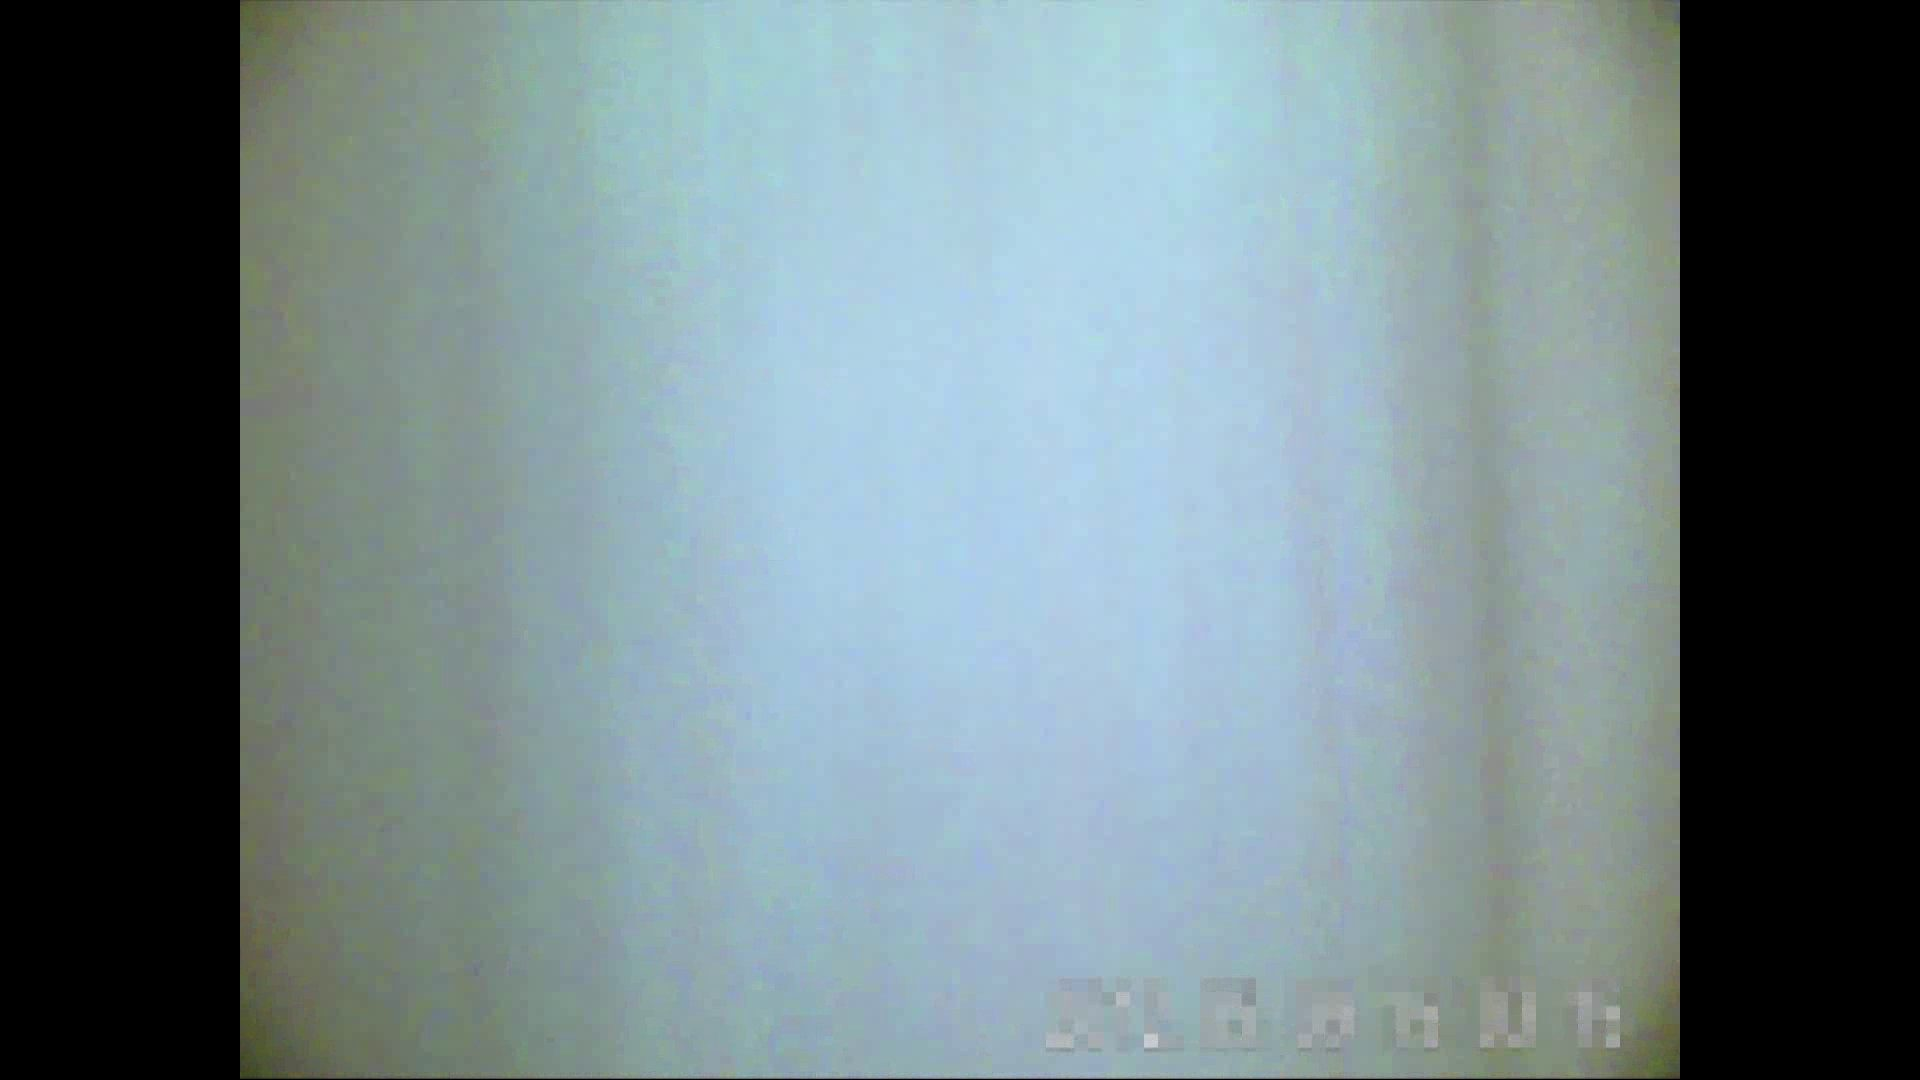 元医者による反抗 更衣室地獄絵巻 vol.002 お姉さんのSEX アダルト動画キャプチャ 109枚 62